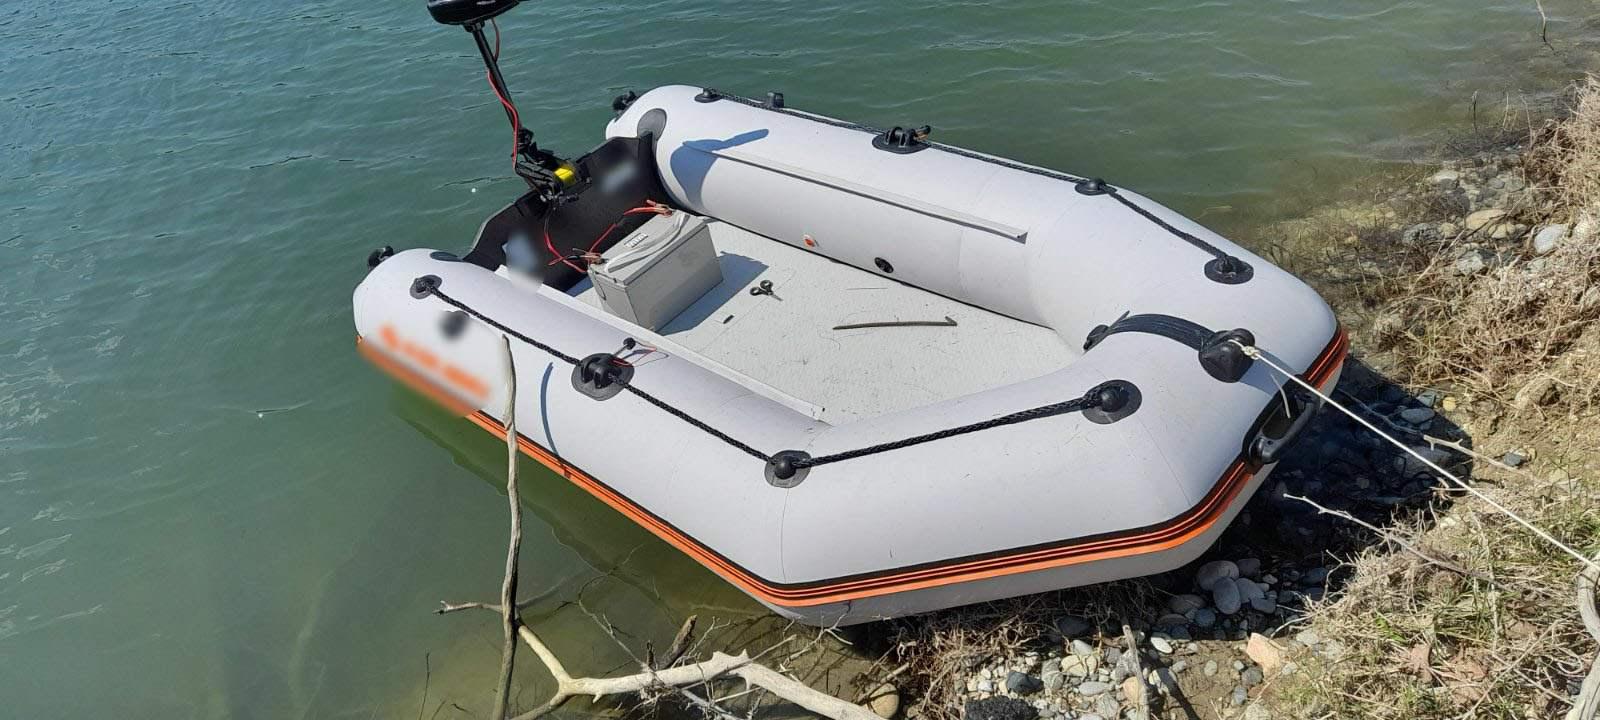 Σύλληψη δυο ατόμων στη λίμνη Ιλαρίωνα για παράνομη αλιεία (Φωτογραφίες)